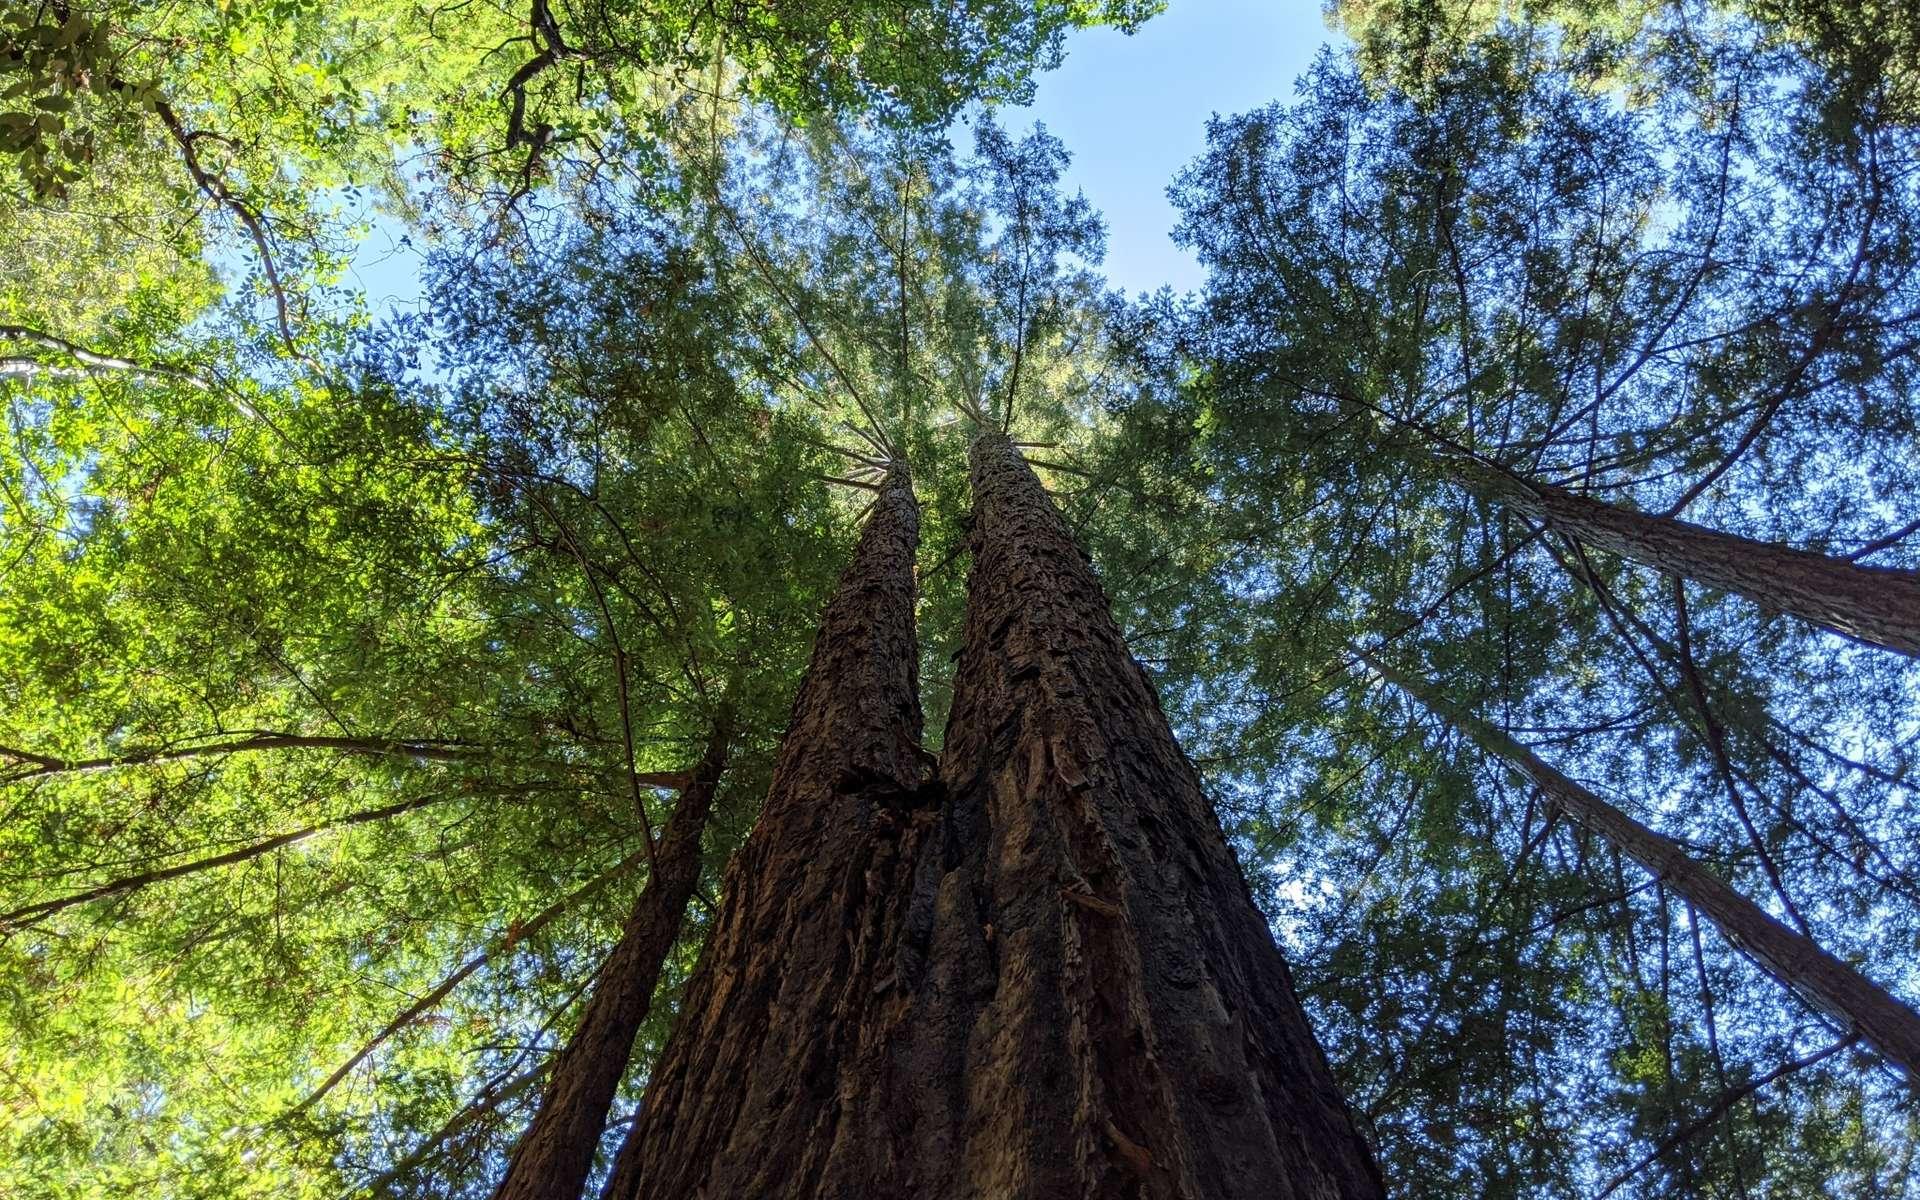 Le séquoia à feuilles d'if est le plus grand arbre vivant connu. © attilaolah, iNaturalist